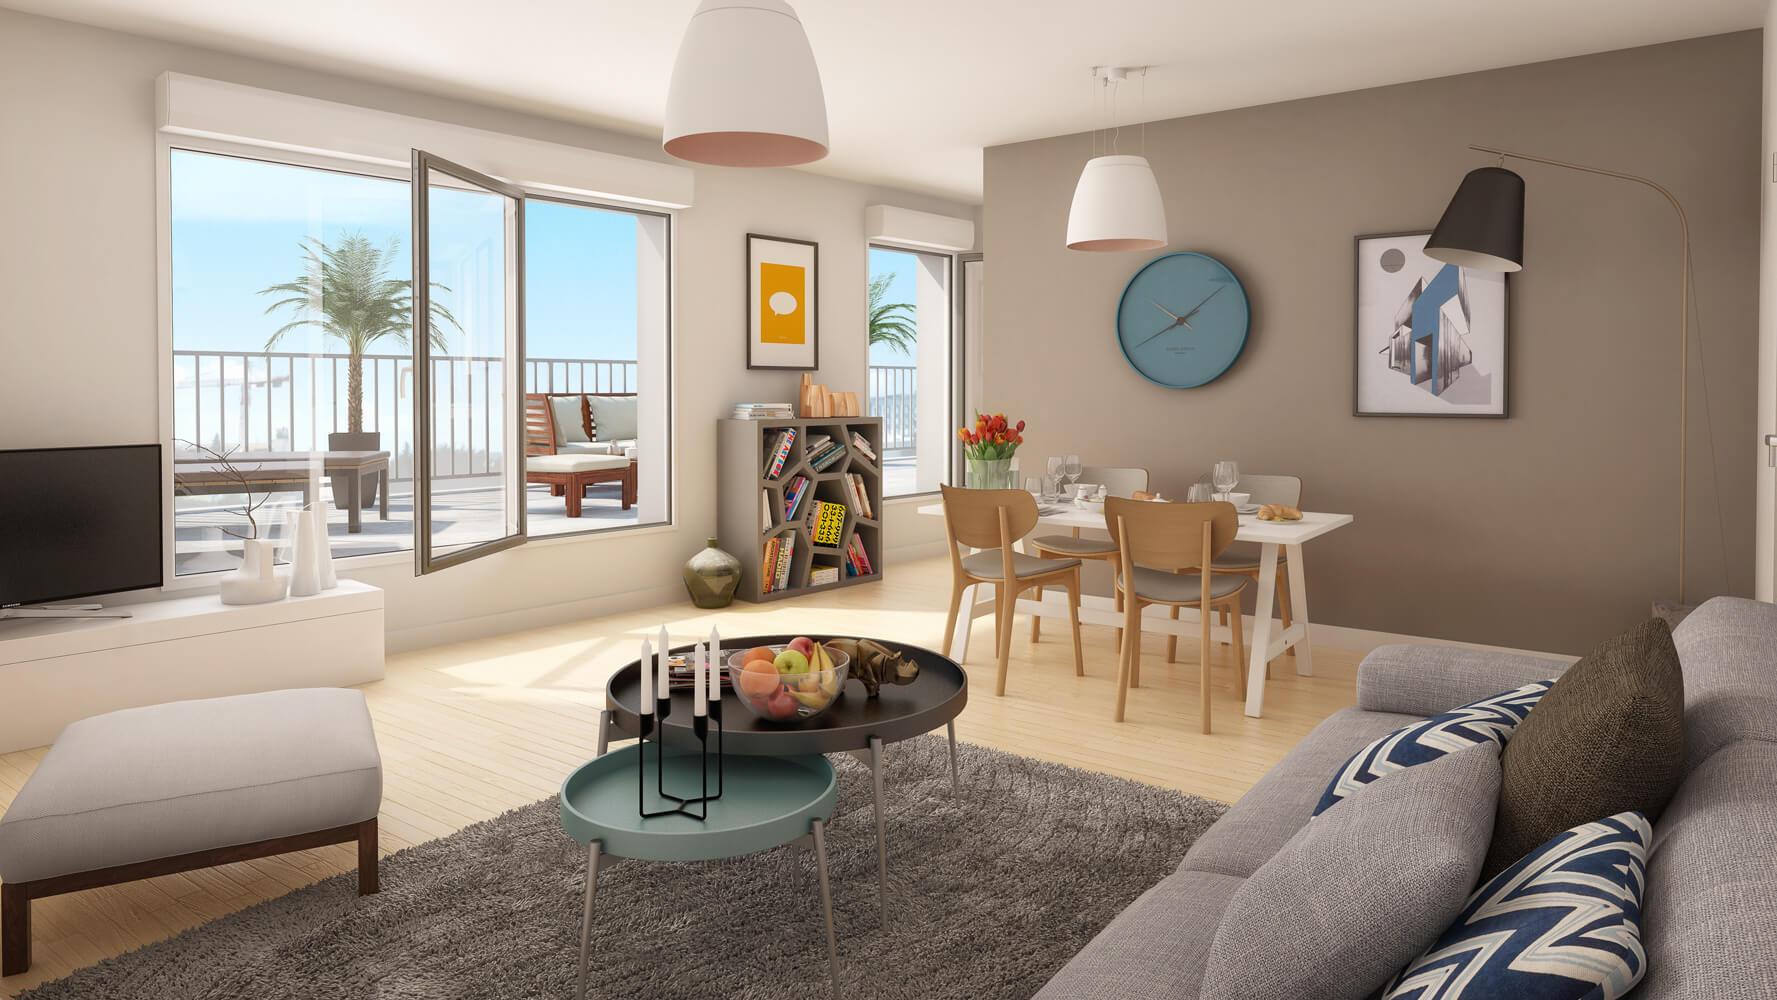 Scène intérieure 3D illustrée pour la vente immobilière | 3dms